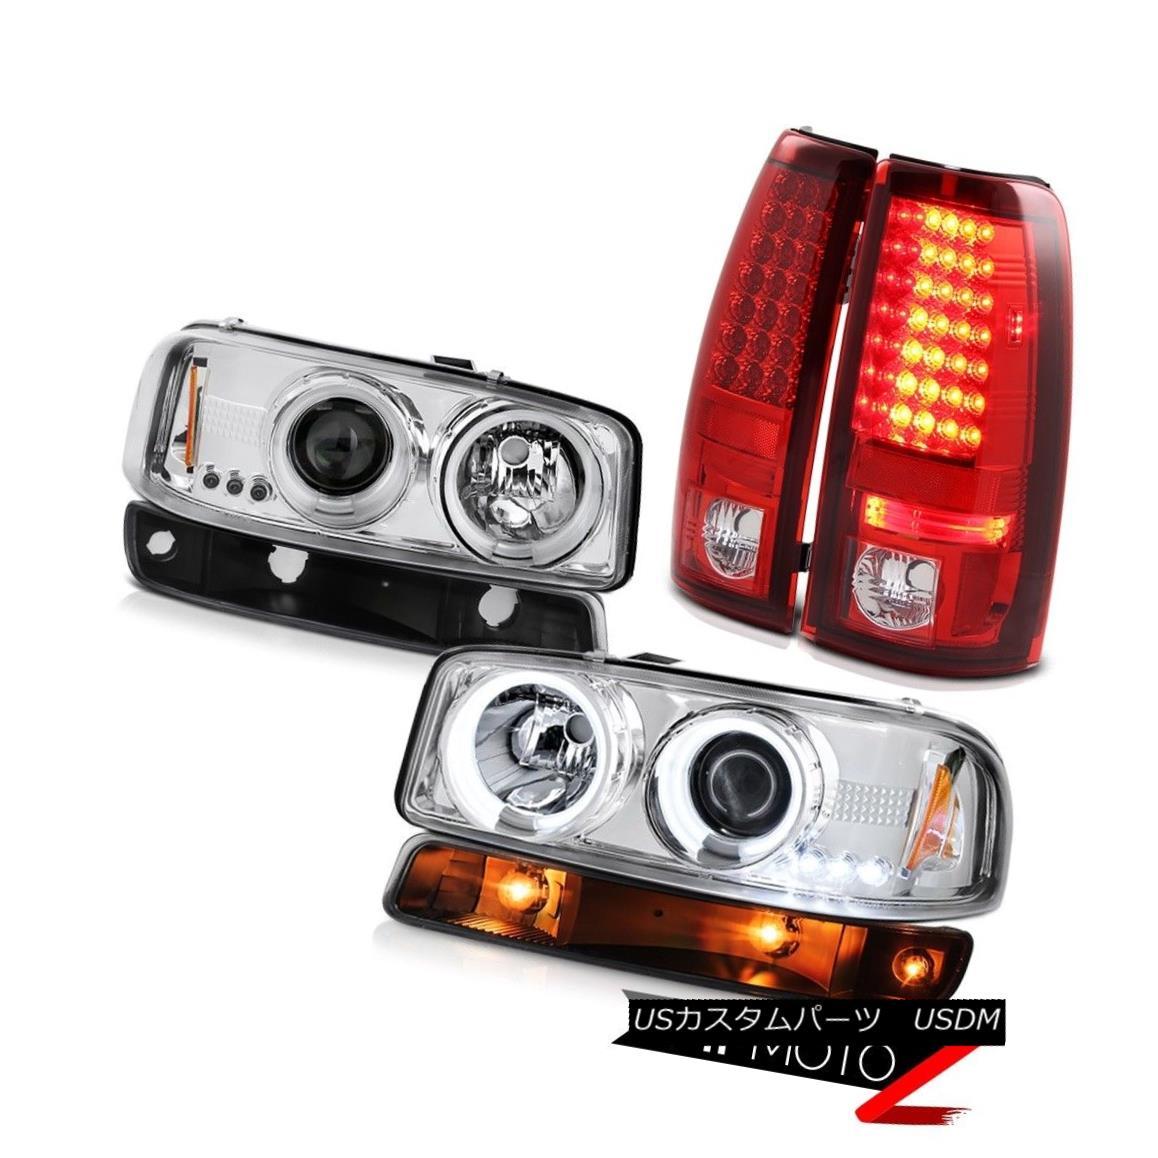 テールライト 99-02 Sierra 2500 Wine red led taillights turn signal chrome ccfl headlamps LED 99-02 Sierra 2500ワインレッドのテールランプのターンシグナルクロムccflヘッドライトLED